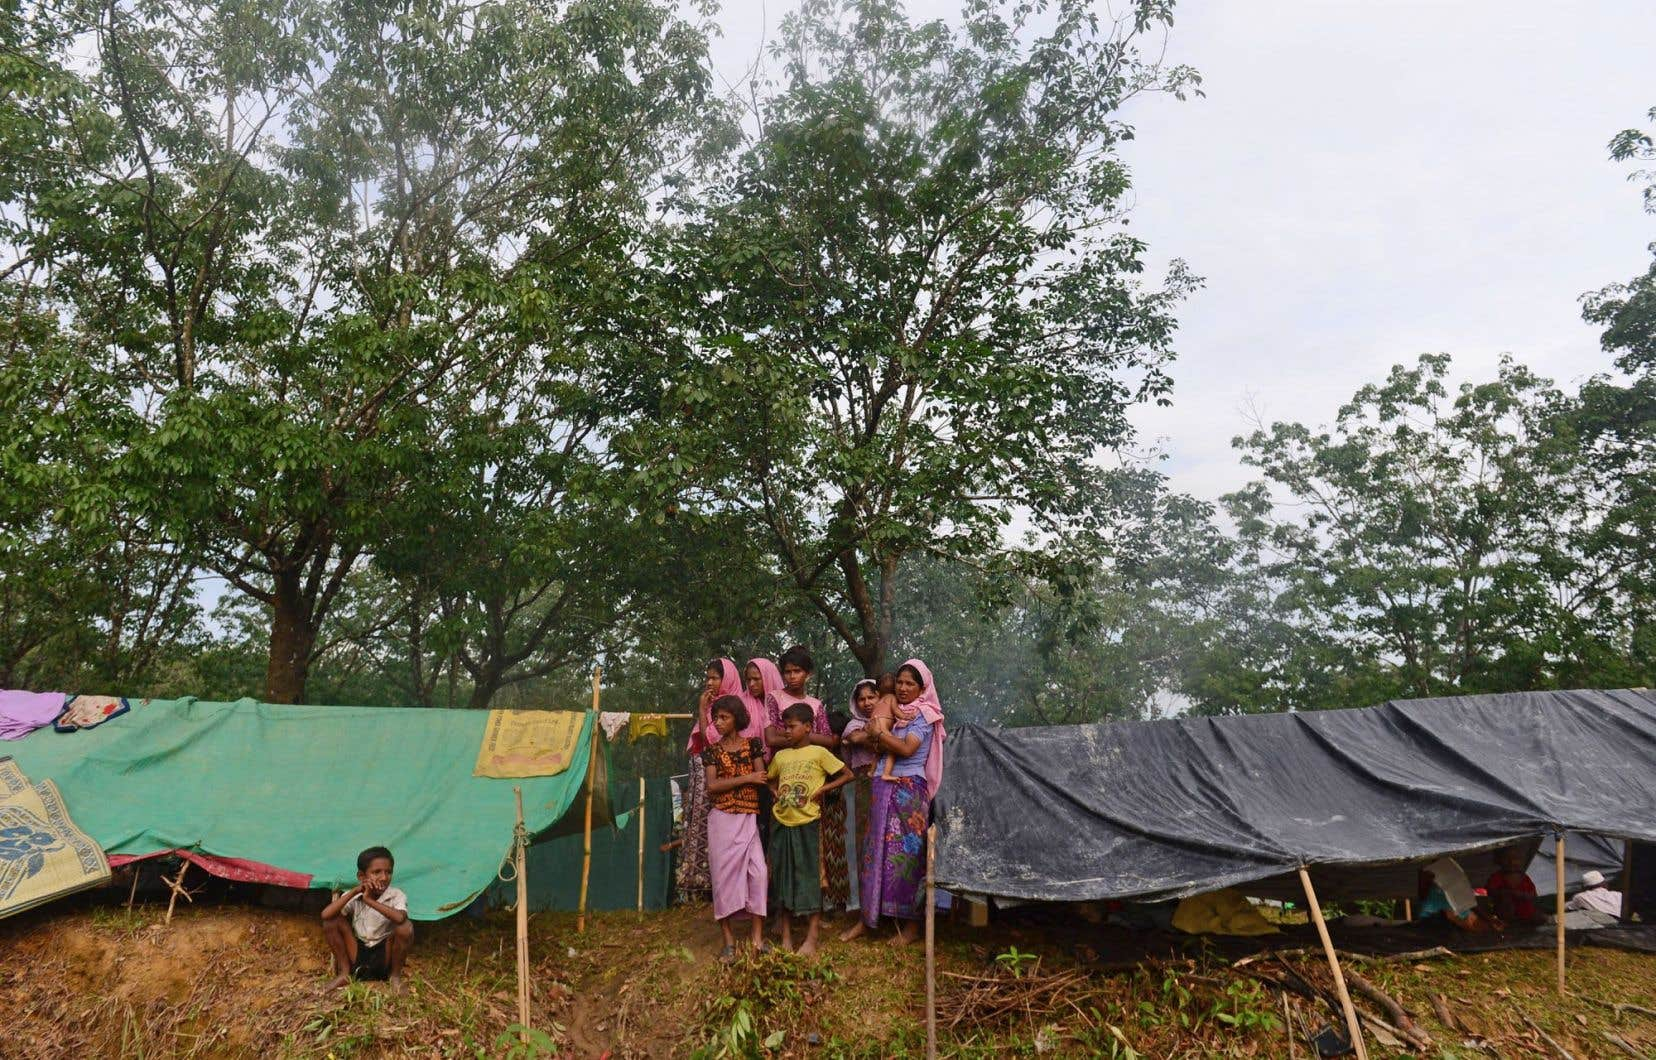 Après avoir fui la violence au Myanmar, les réfugiés rohingyas vivent dans des sites improvisés surpeuplés le long de la frontière avec le Bangladesh, comme ici au camps de réfugiés Kutupalong.